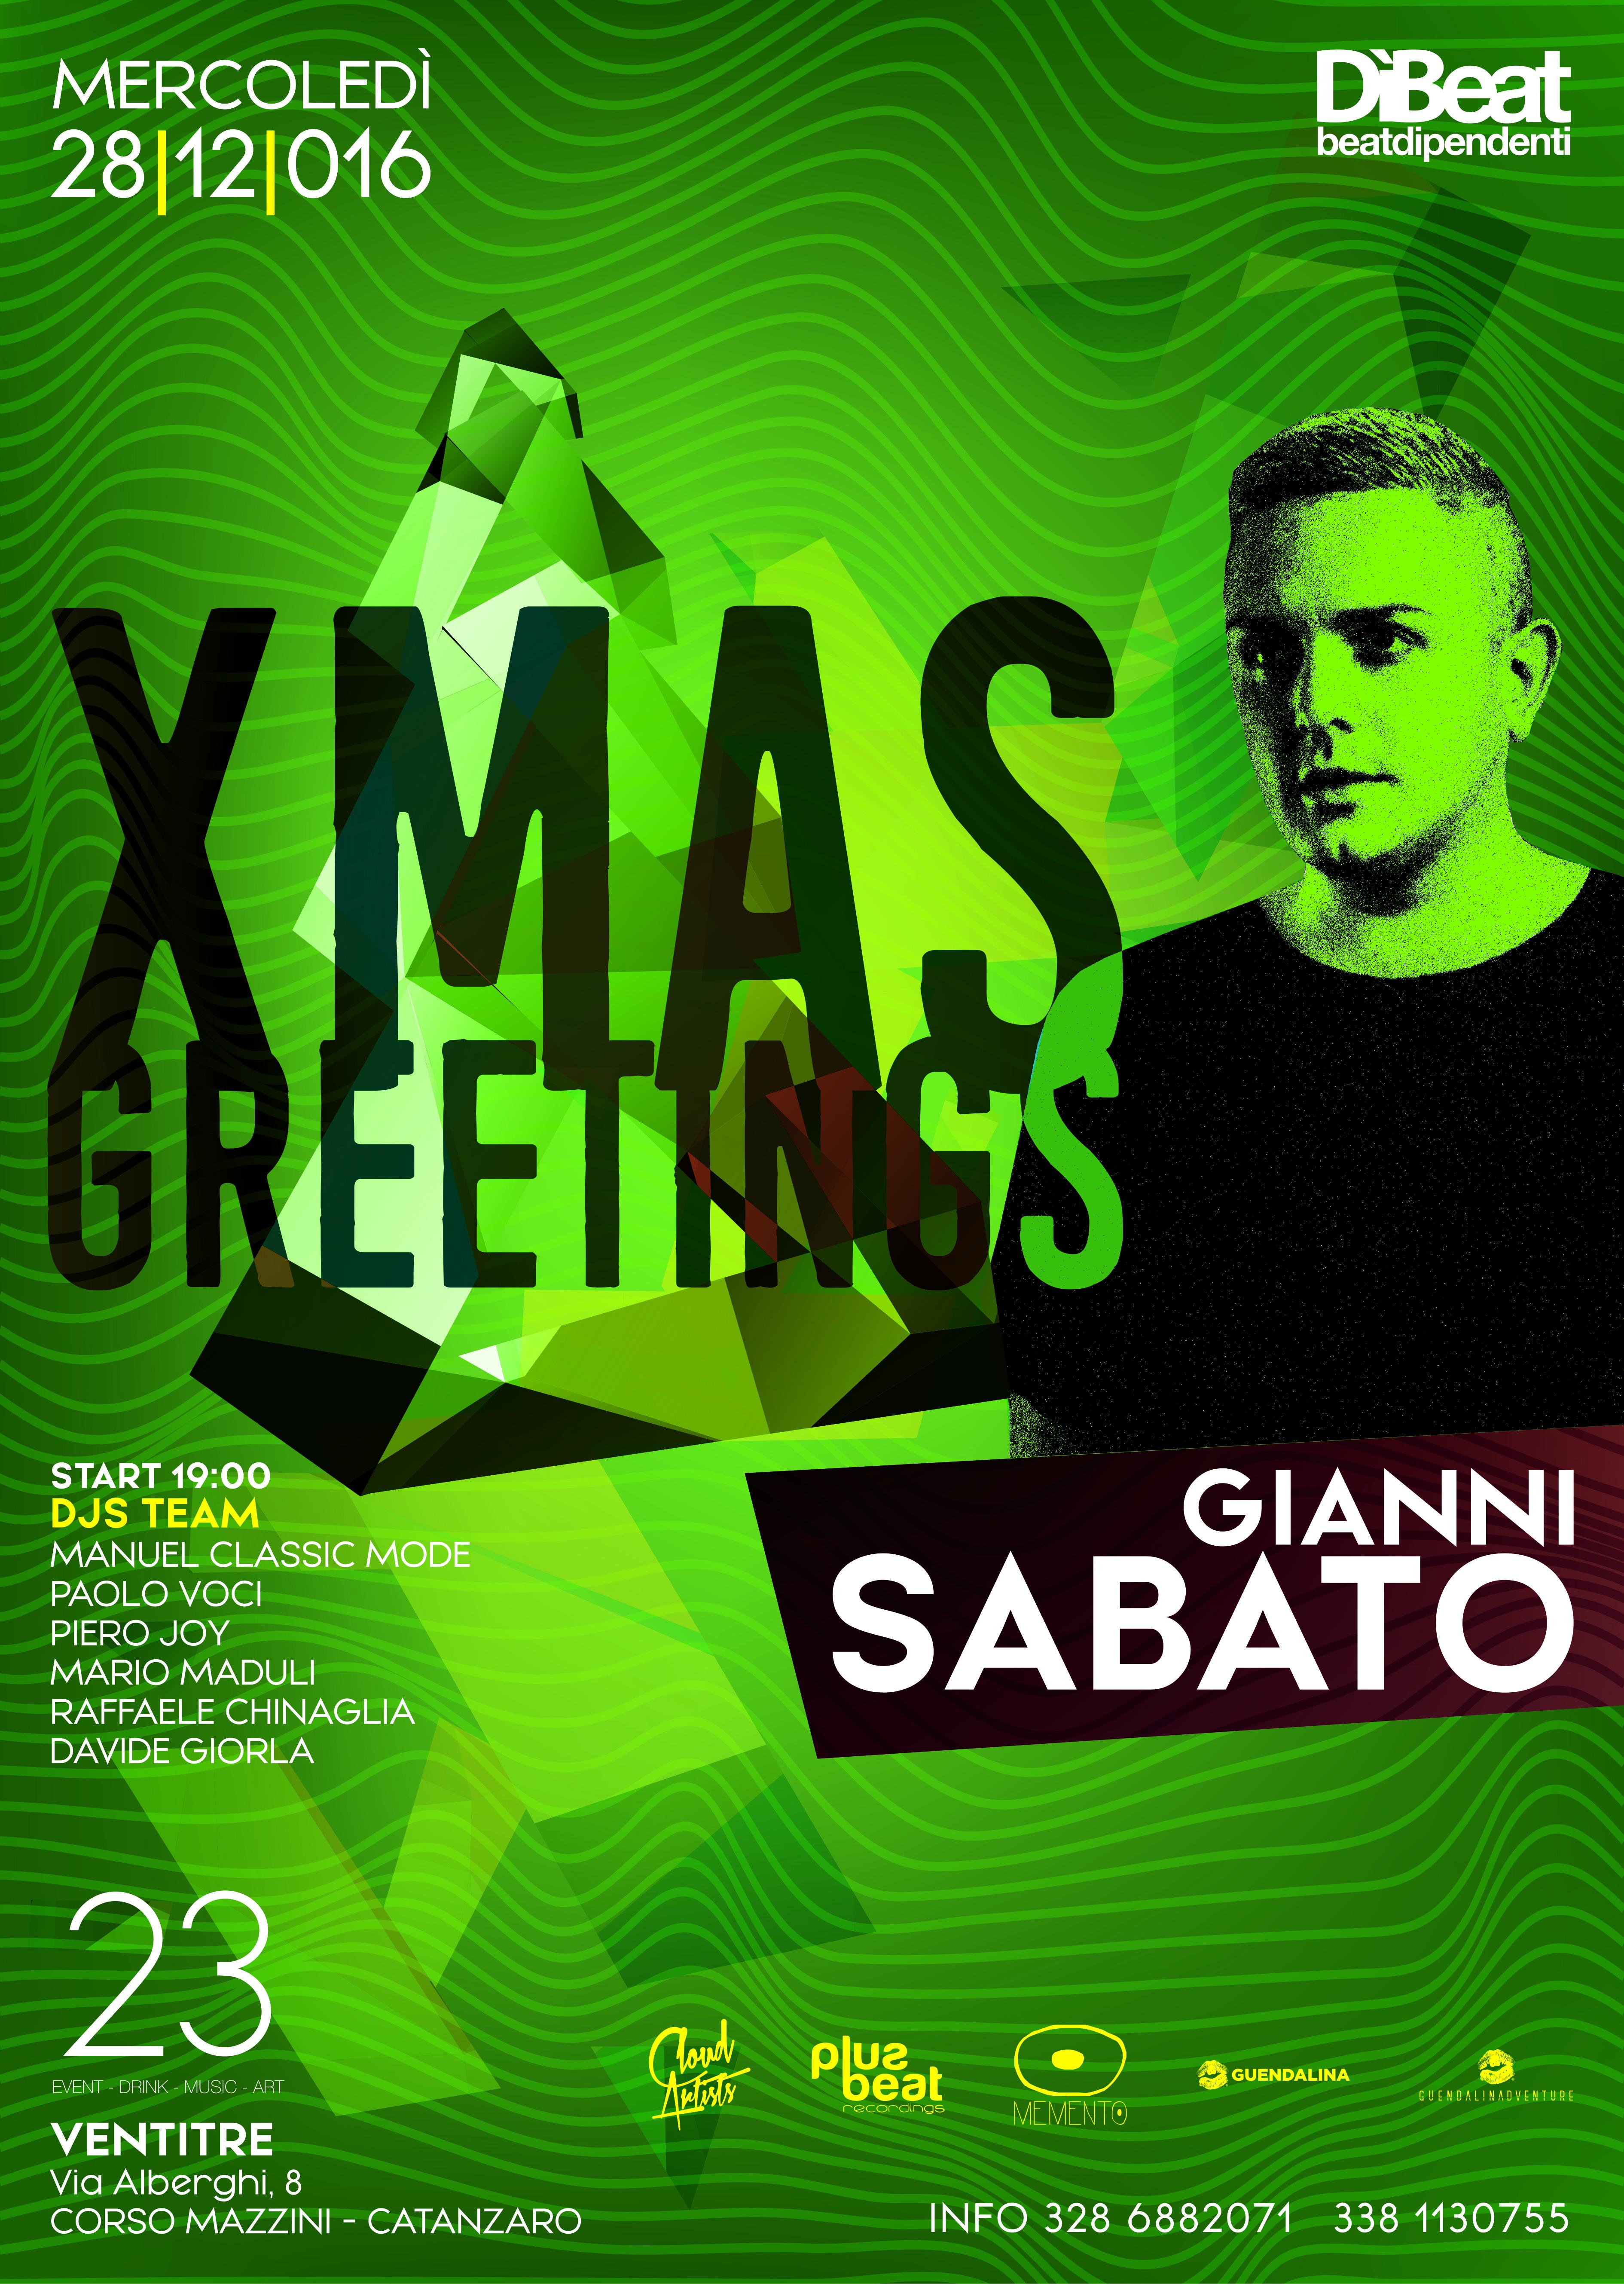 28.12_ XMAS Greetings w/ Gianni Sabato plus Circle residents